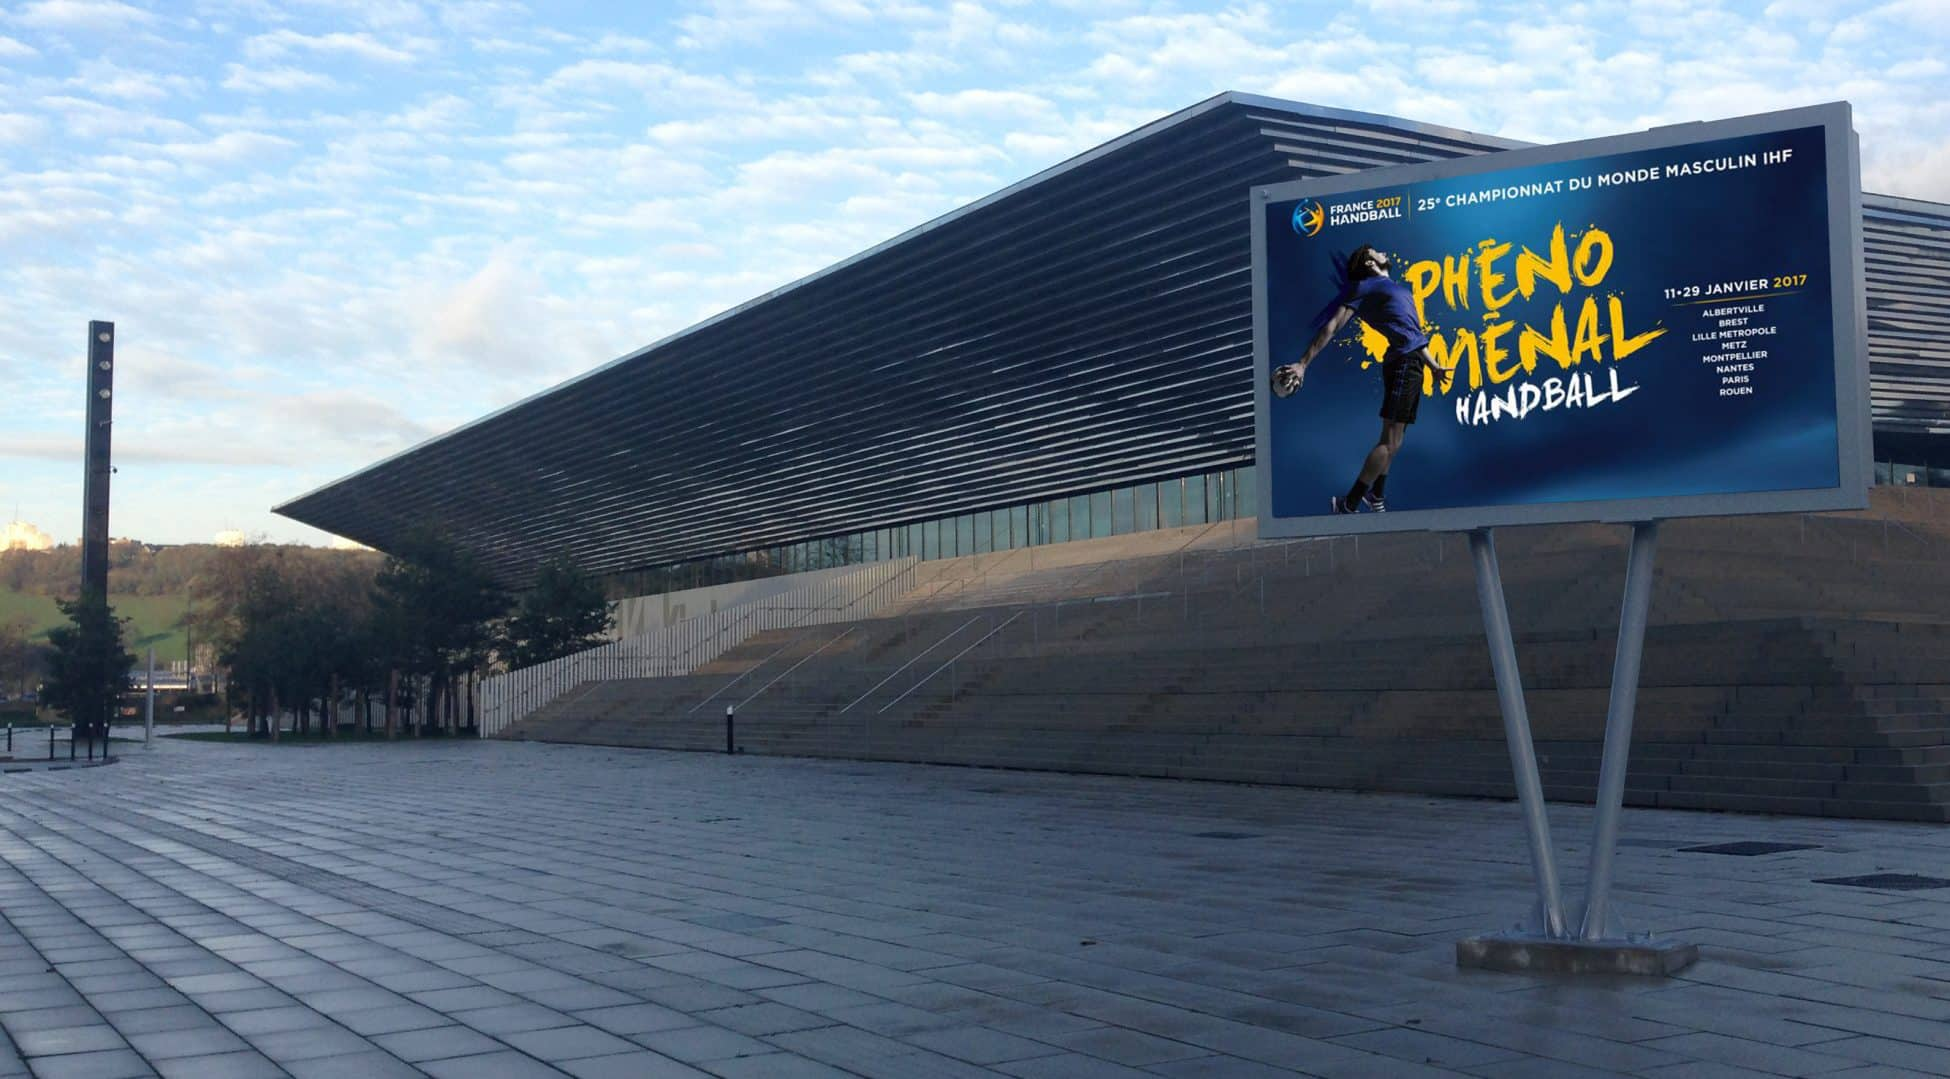 Panneau vidéo led de Rouen